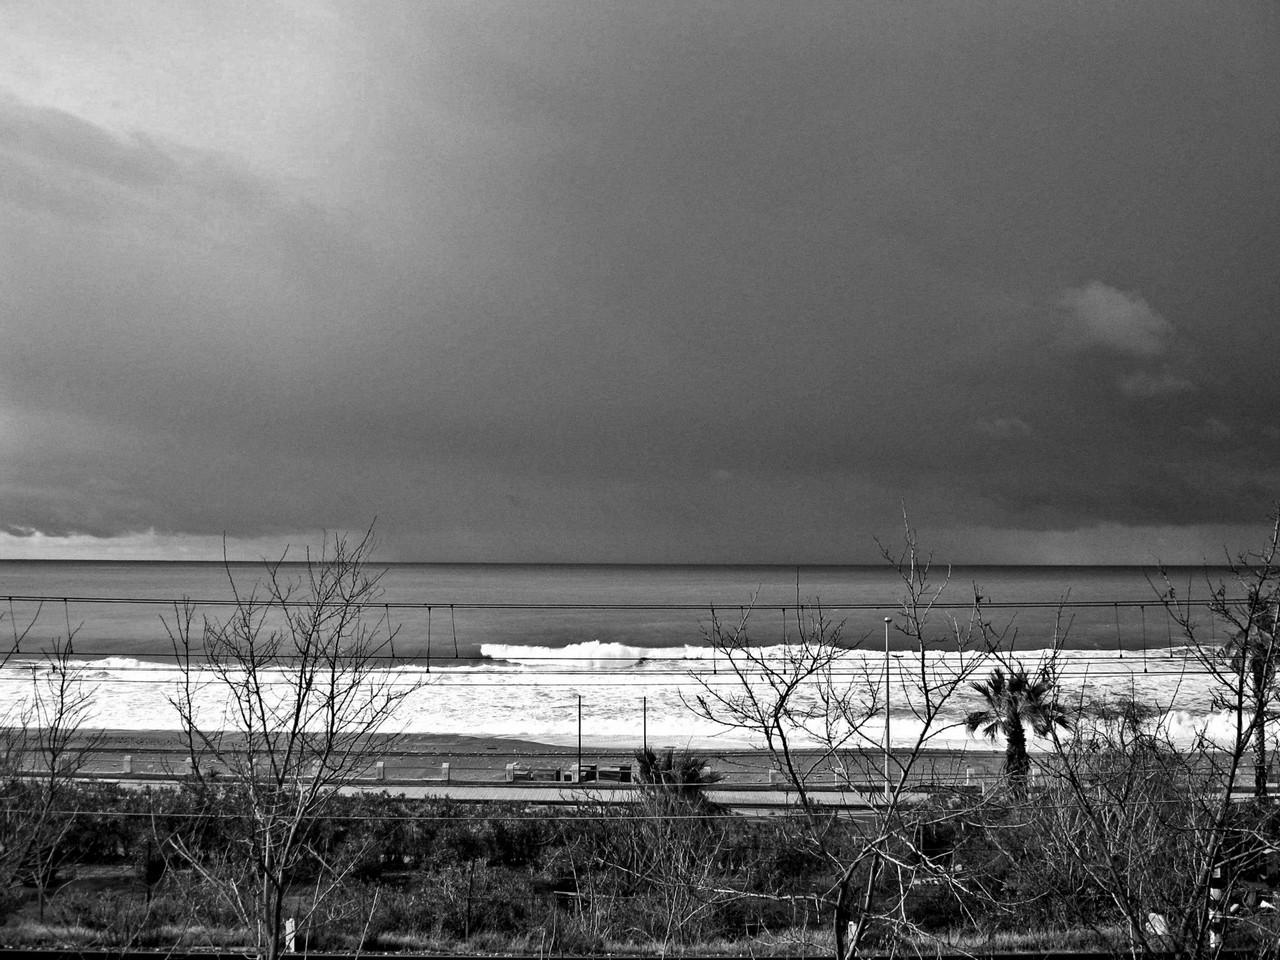 Domenica variabile. Lunedi piogge sparse, venti forti e possibili mareggiate...